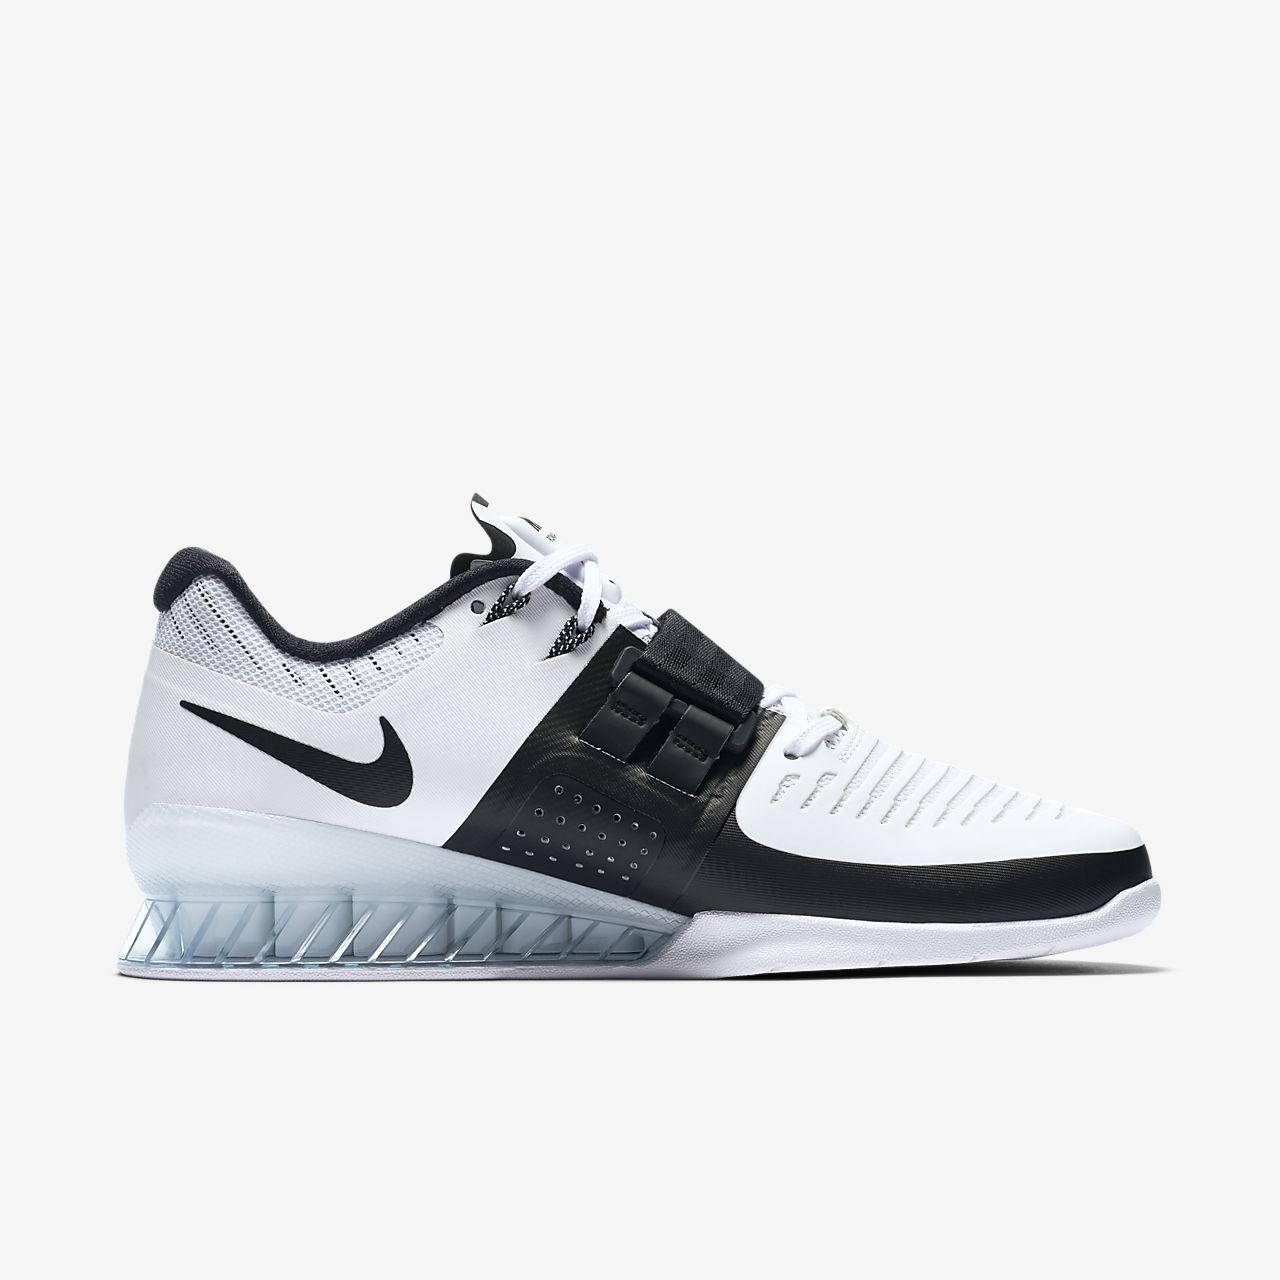 big sale 85dd6 6f3dd Nike Romaleos 3 Weightlifting Shoe. Nike.com GB